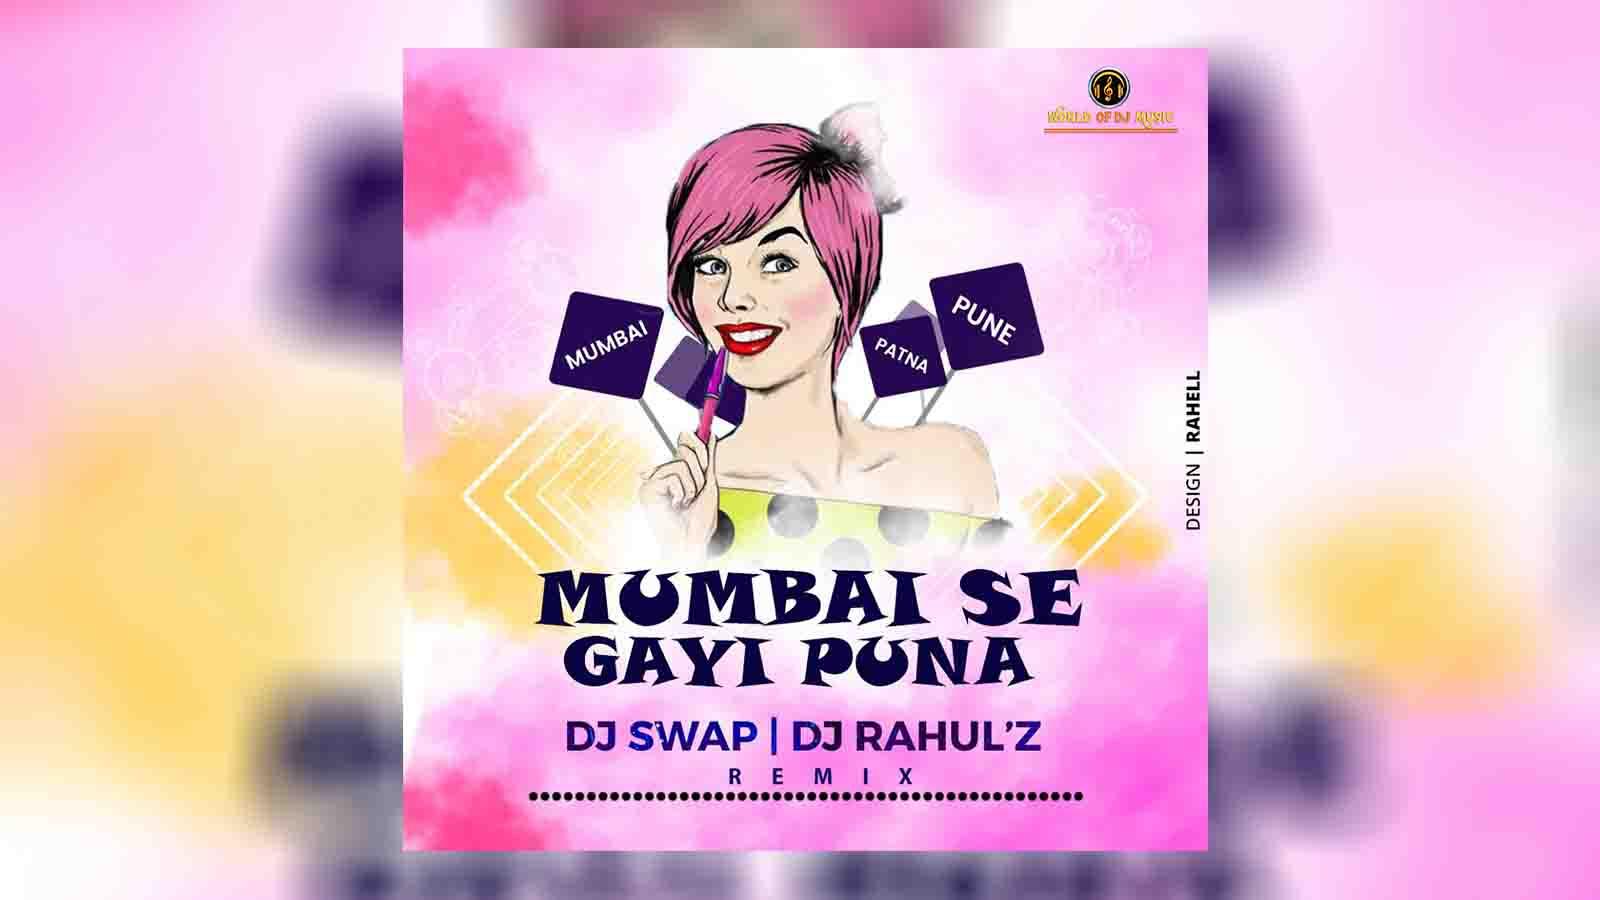 Mumbai Se Gayi Puna - Dj Swap & Dj Rahulz Remix